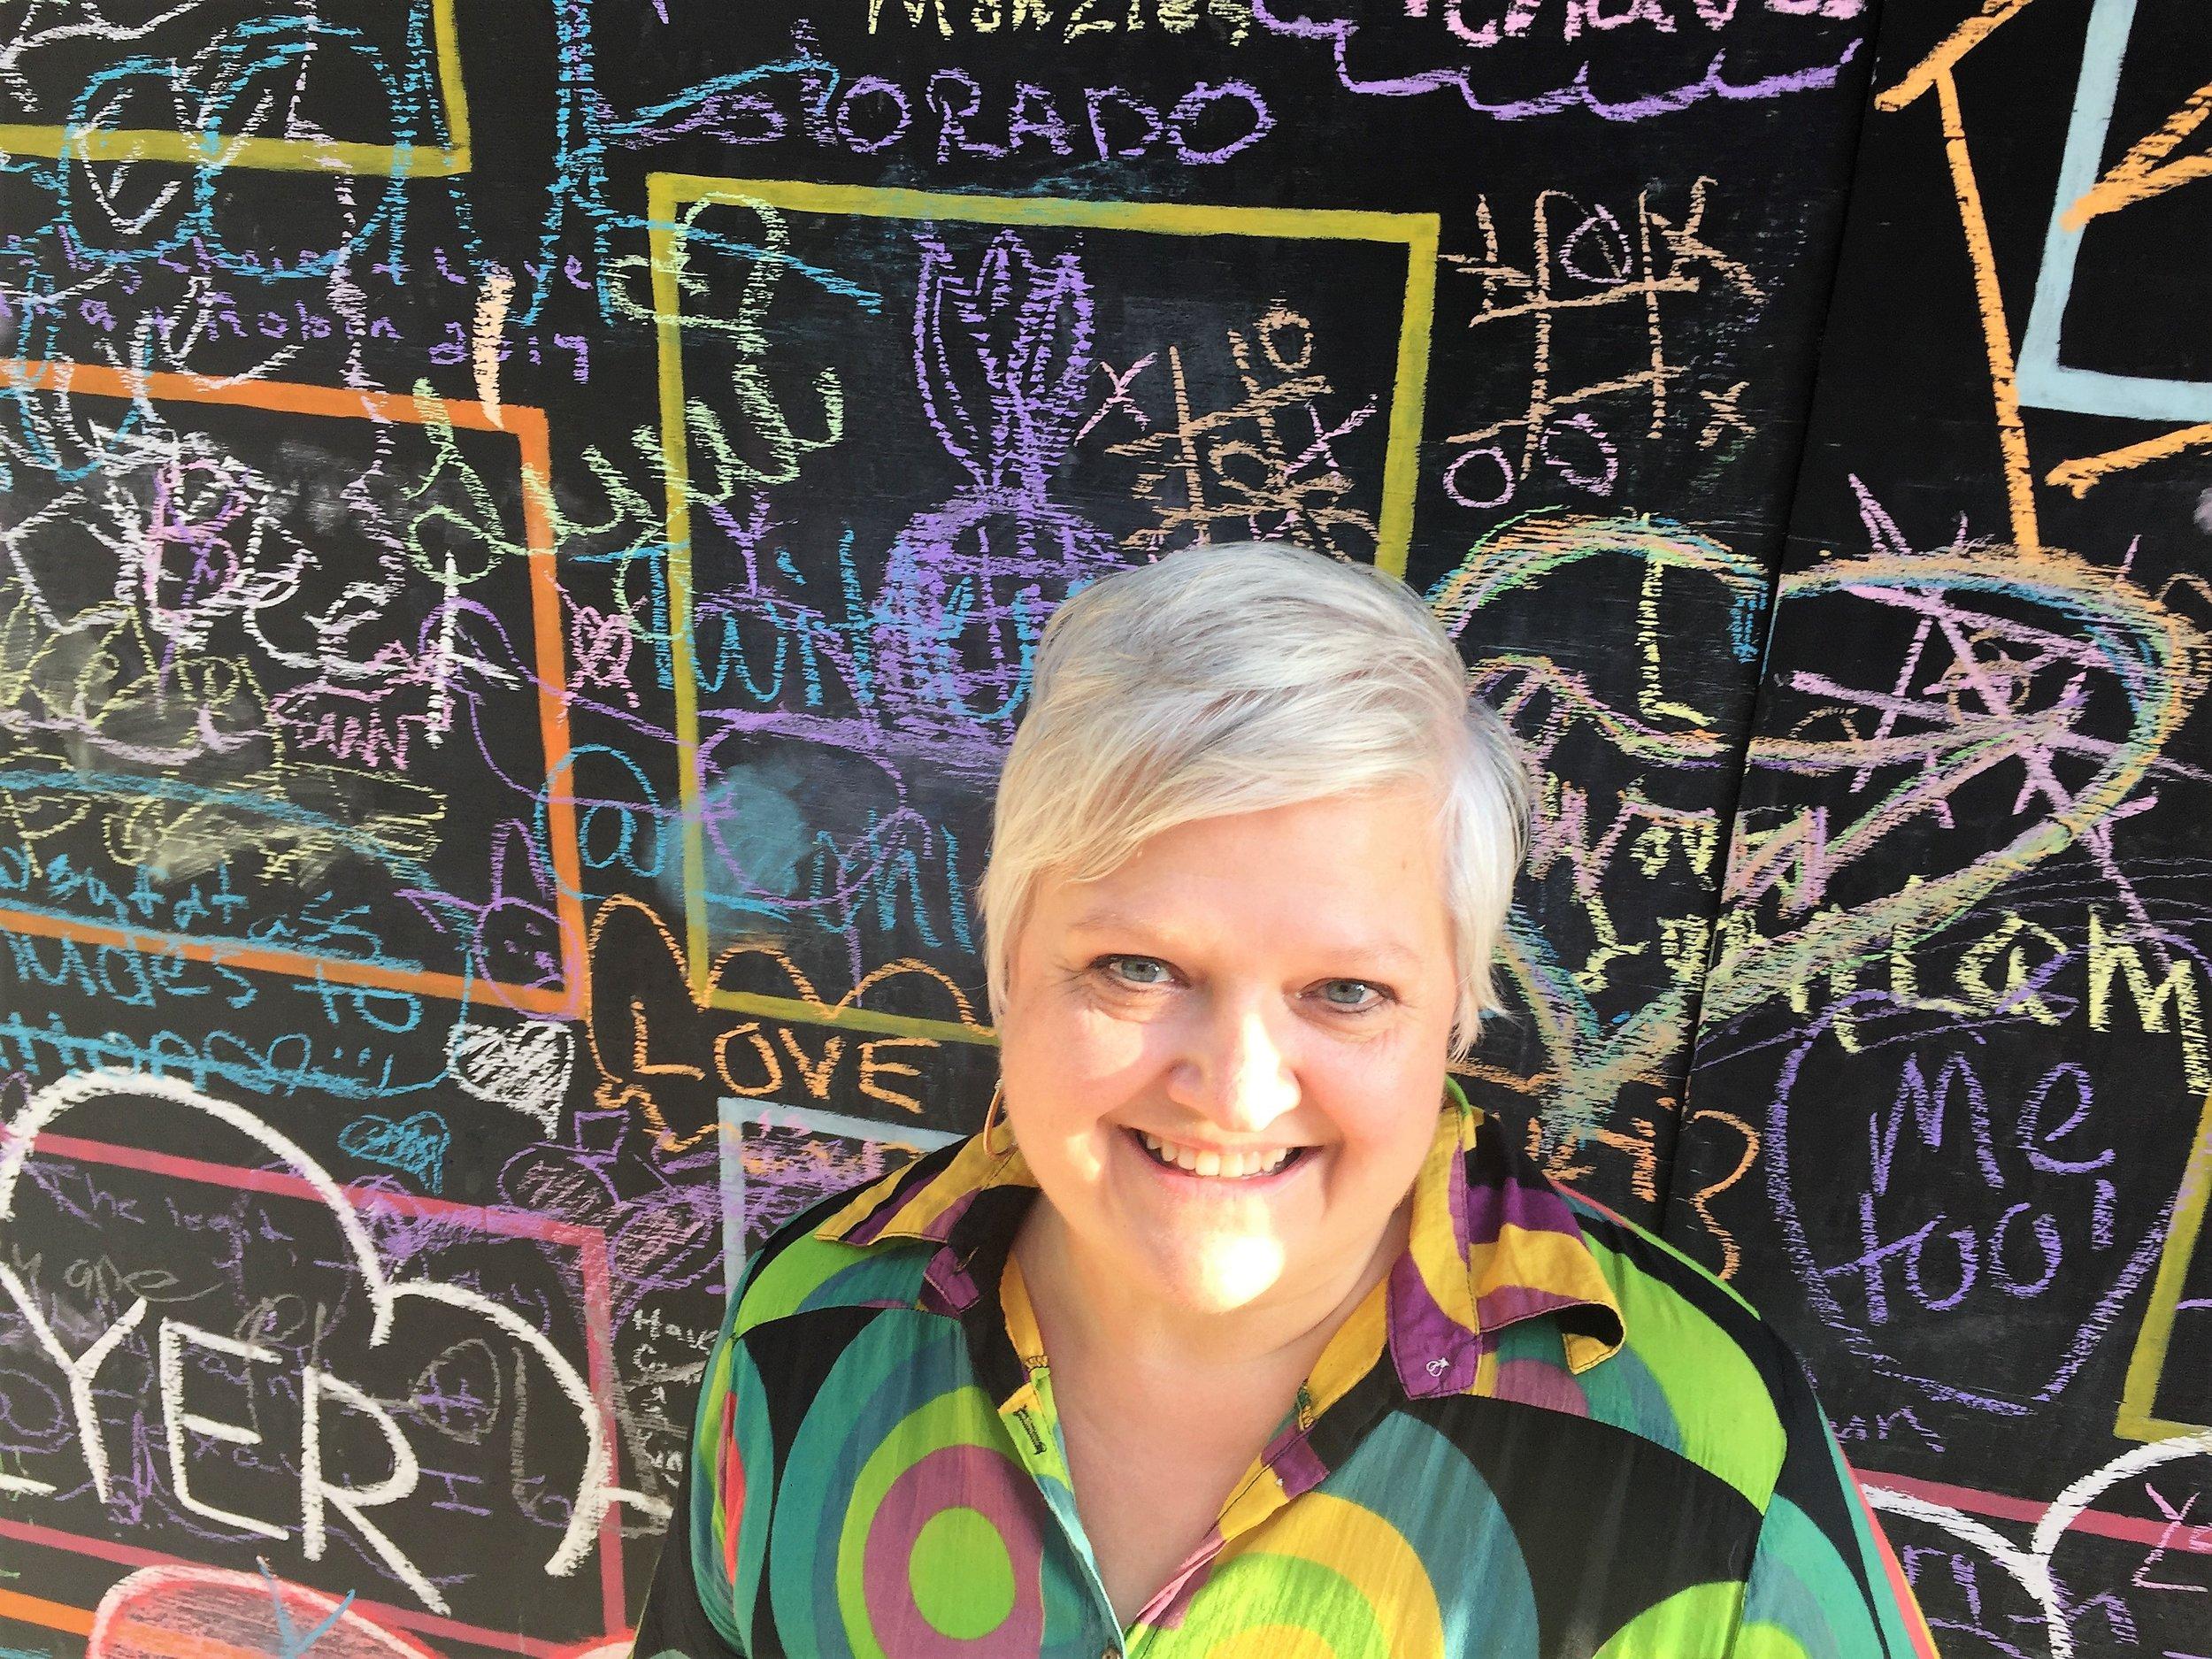 Lori chalkboard 2.jpg